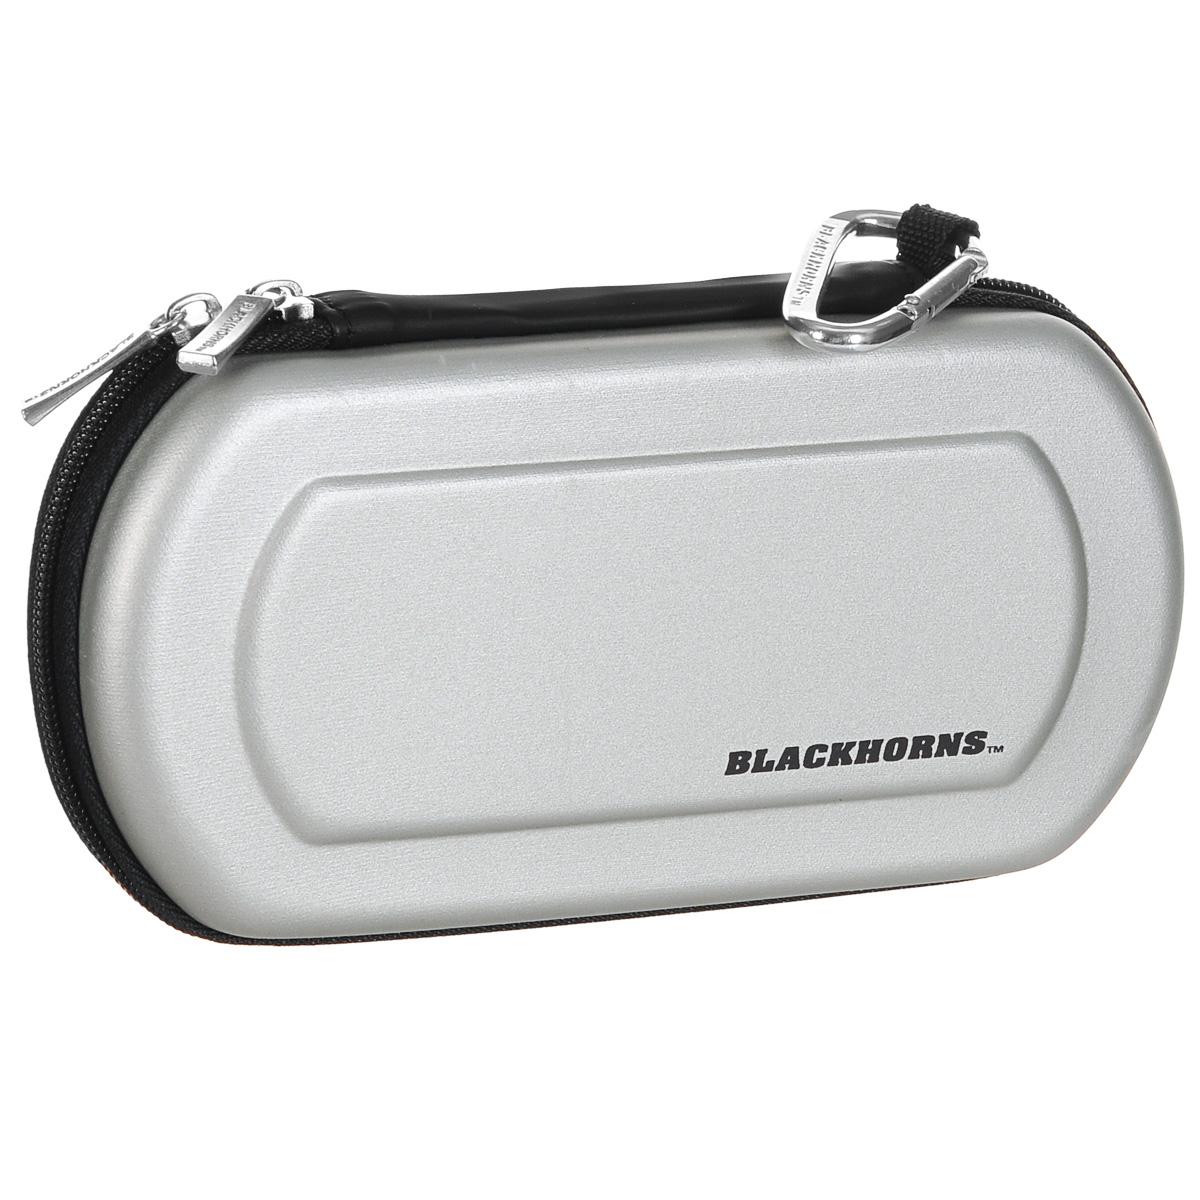 Защитный чехол Black Horns для Sony PSP E1000/2000/3000 (New Version), серыйBH-PSP02201(R)Защитный чехол Black Horns для Sony PSP E1000/2000/3000 убережет вашу портативную игровую консоль от механических повреждений: ударов, царапин, тряски. Чехол отлично сшит, швы занимают минимум места. Особенностью данной модели является возможность трансформации для просмотра фильмов. Чехол также имеет отделения для UMD-дисков и других аксессуаров.